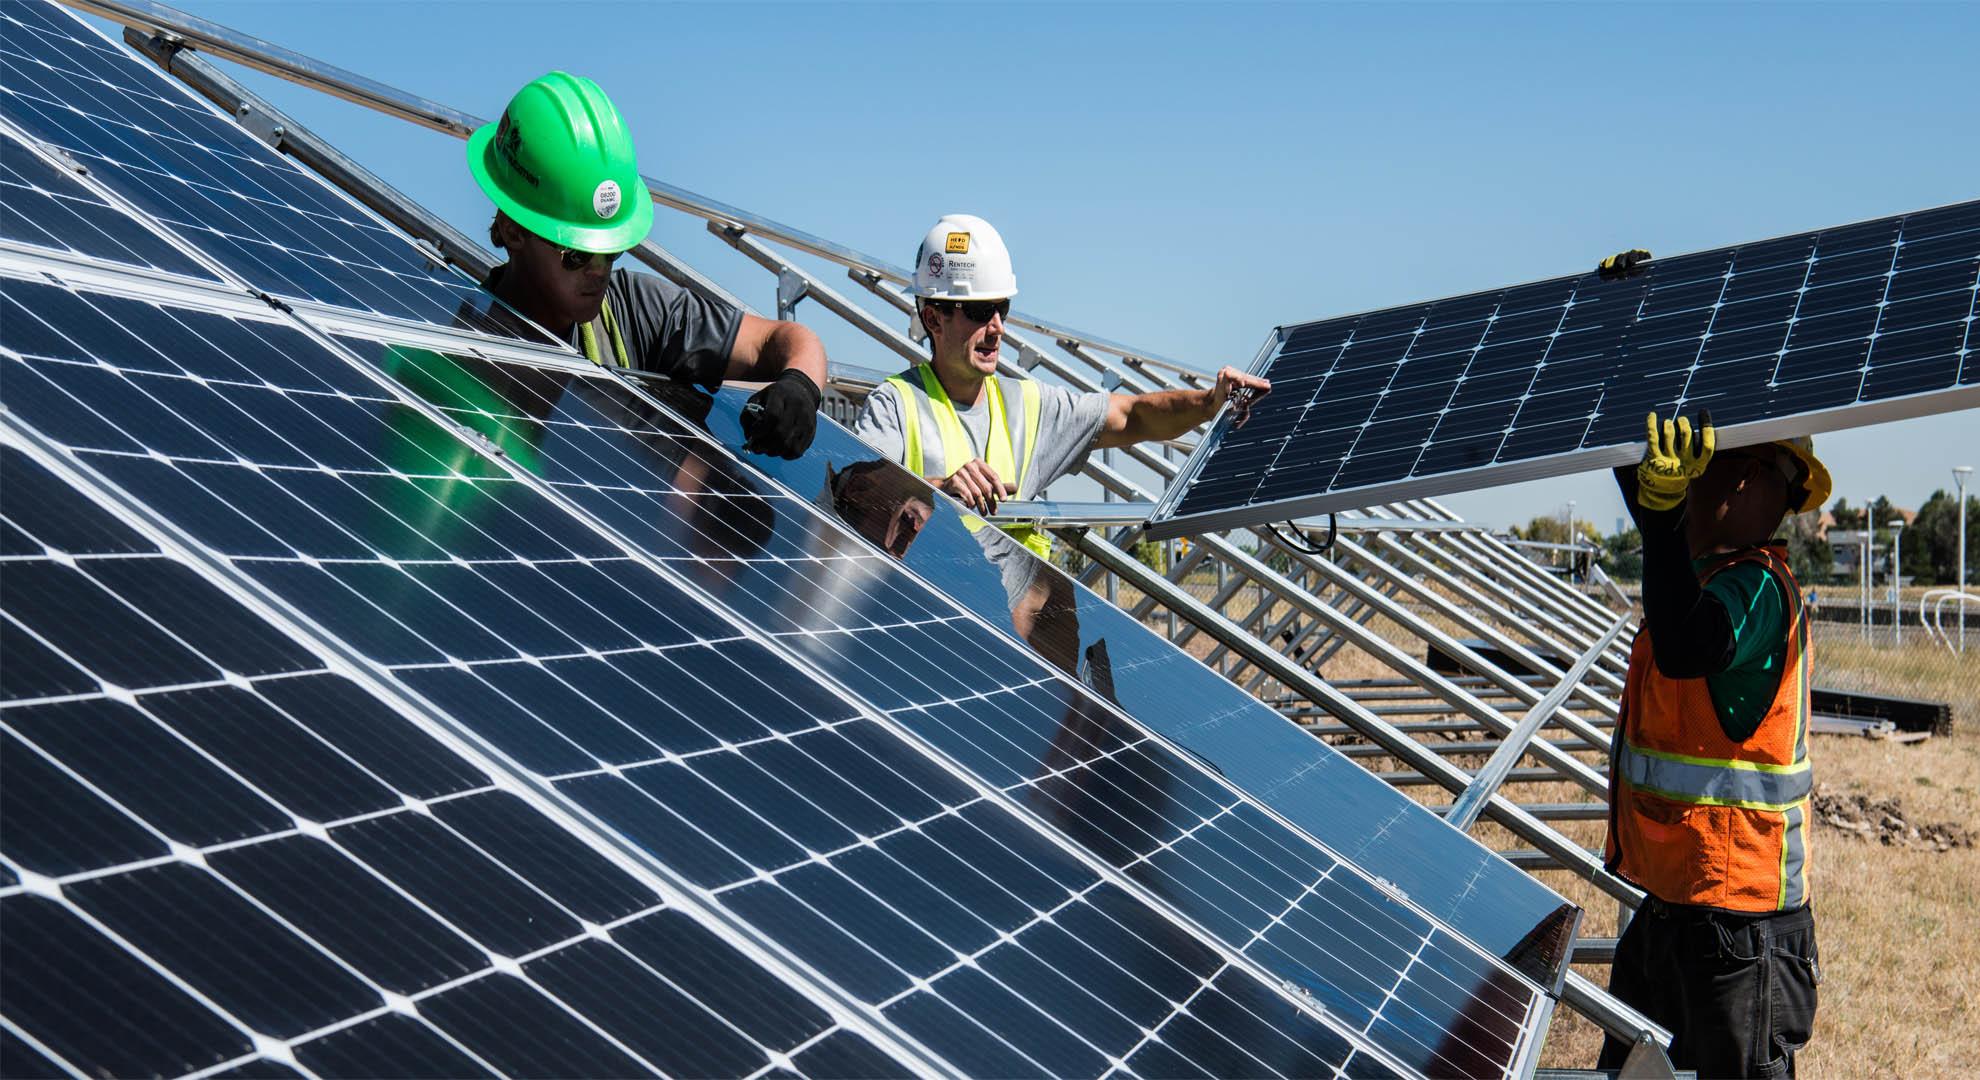 La inversión en la economía ecológica genera nuevos empleos. ©Science in HD/Unsplash